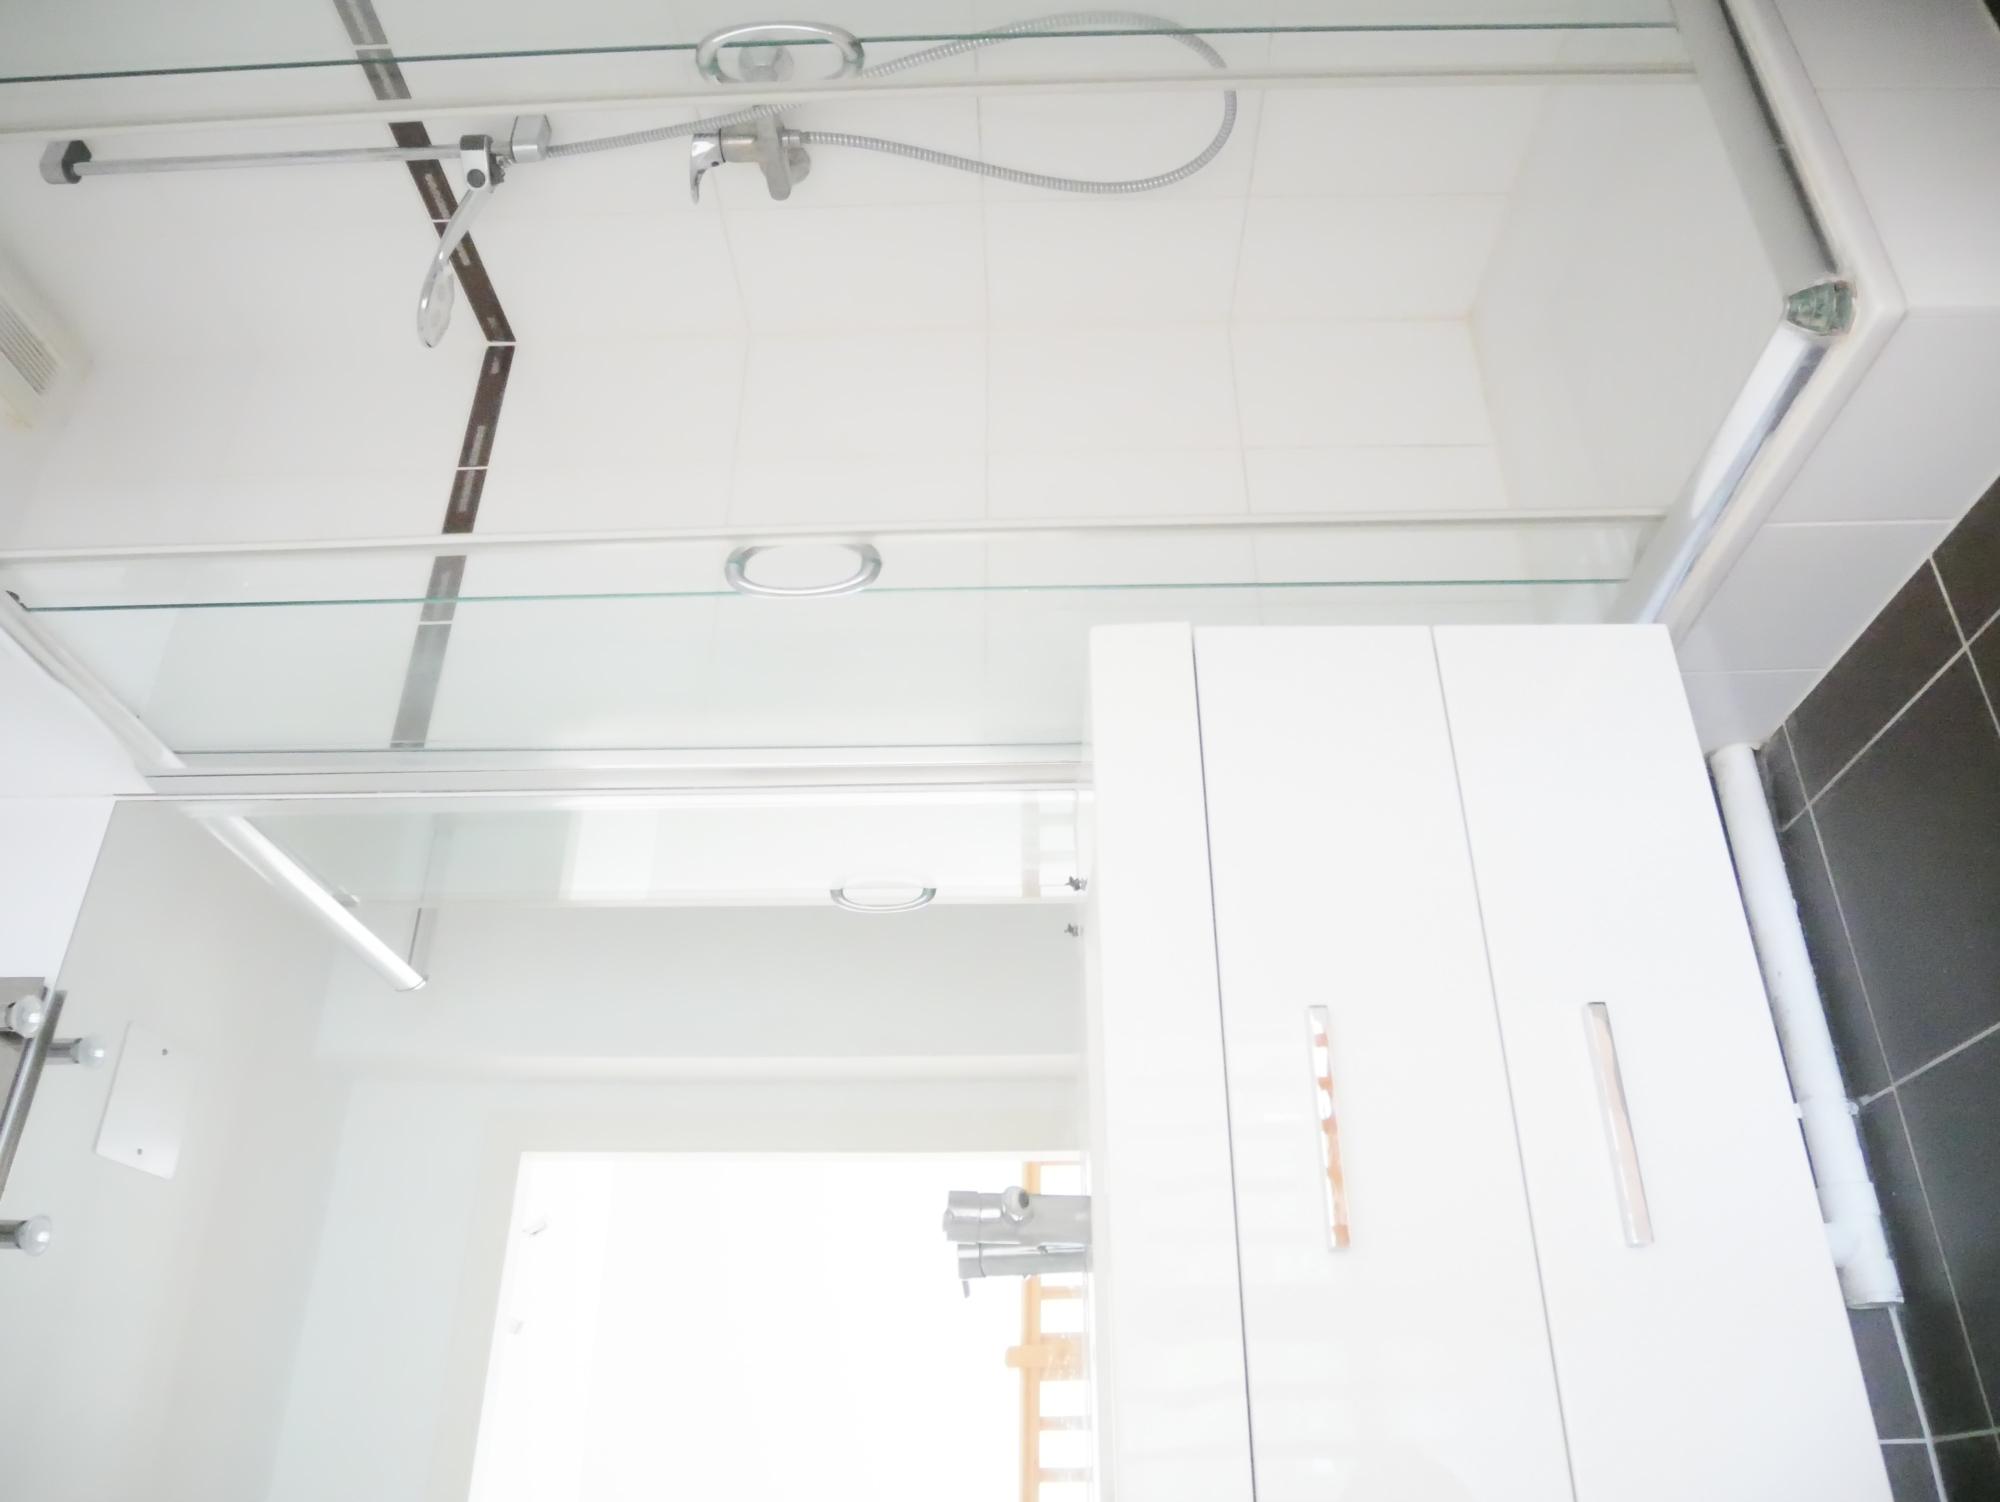 [Lumière] Lumineux 3 pièces en duplex - Stockfeld / rue de la Faisanderie - nos locations - Beausite Immobilier 7